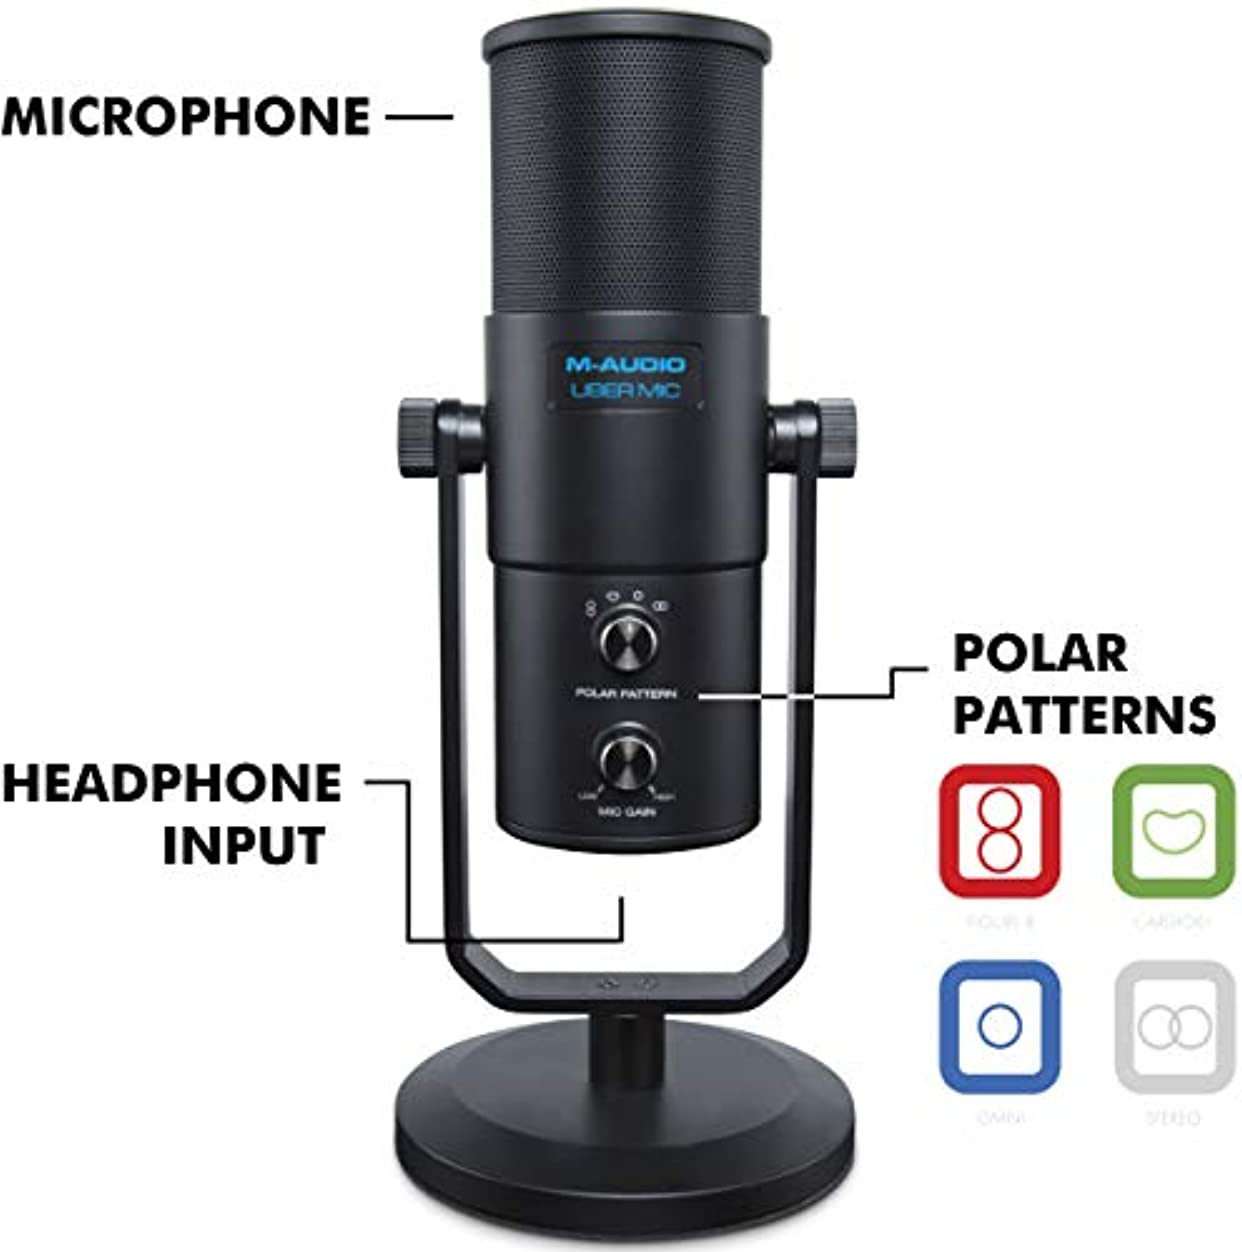 付き添い人緩む放送M-Audio プロ用 USB 高品質 コンデンサーマイク 4種類の指向性【カーディオイド、双指向性、無指向性、ステレオ】 ヘッドフォン出力搭載 UBER Mic